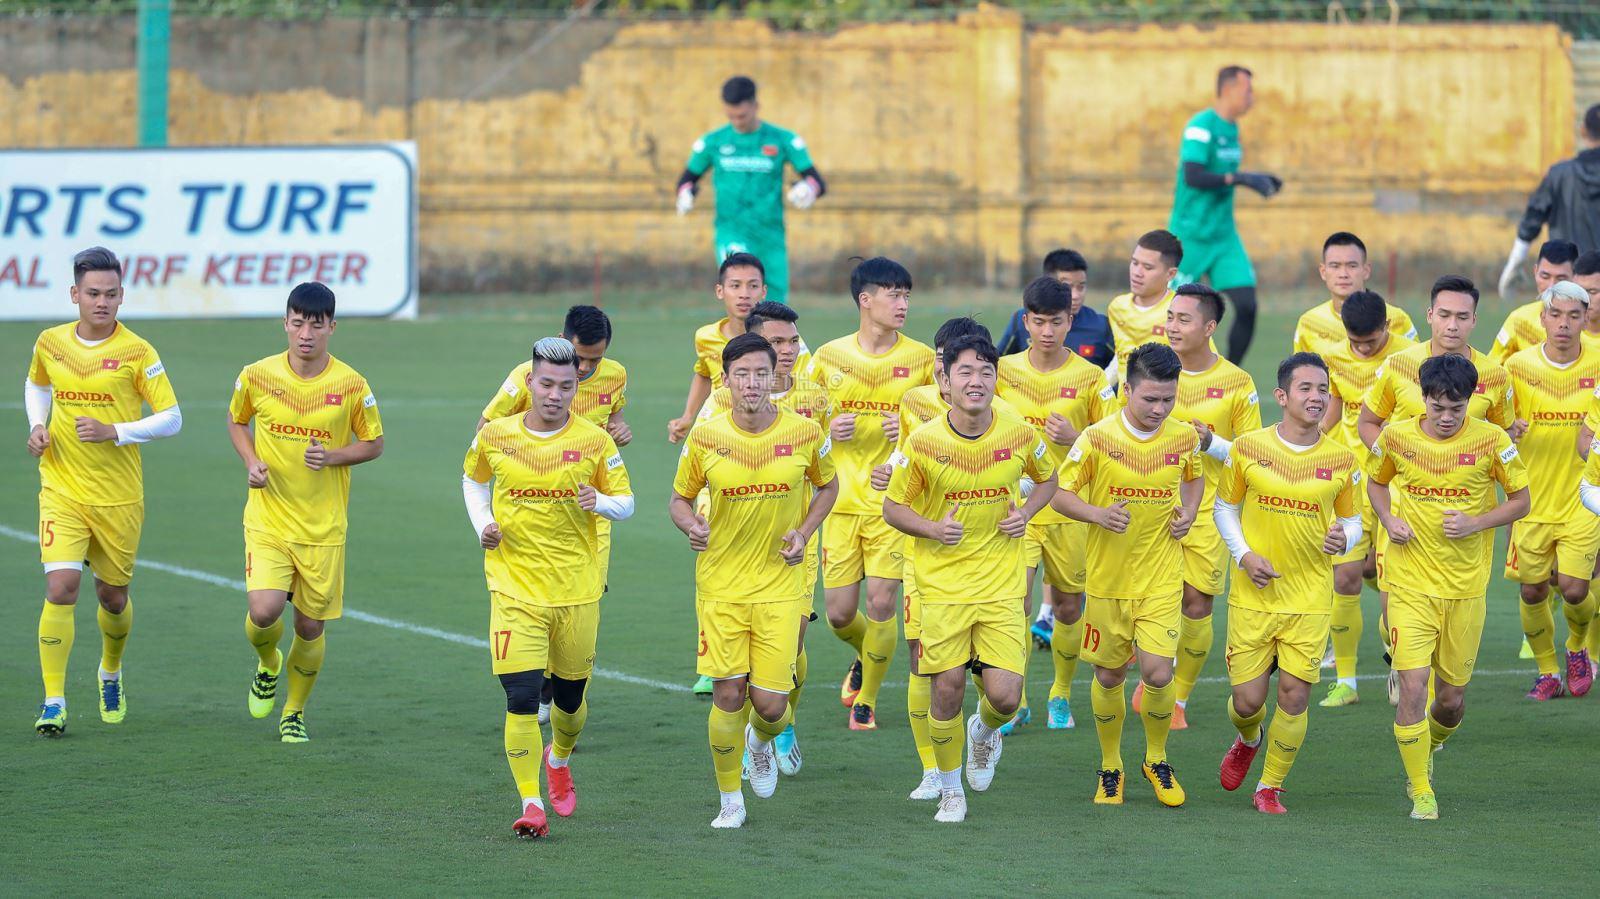 bóng đá Việt Nam, tin tức bóng đá, bong da, tin bong da, DTVN, tuyển VN, Park Hang Seo, giao hữu tuyển VN vs U22 VN, lịch thi đấu bóng đá hôm nay, kết quả bóng đá